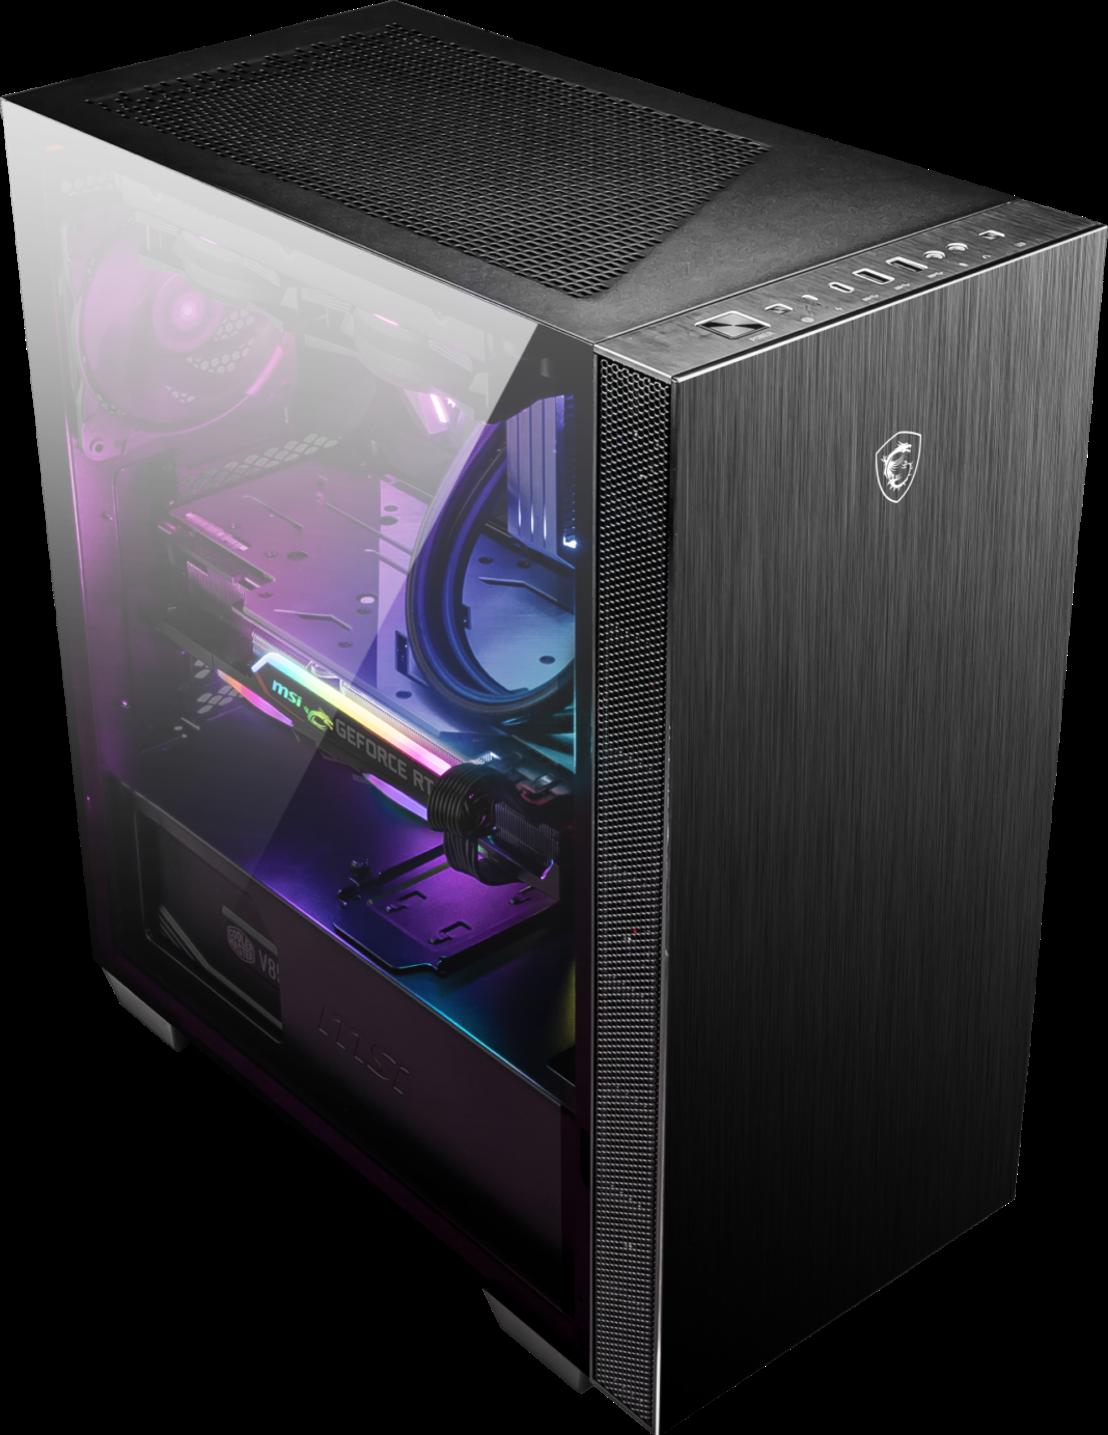 MSI stellt neue Gaming-Gehäuse der MPG SEKIRA 100 Serie vor